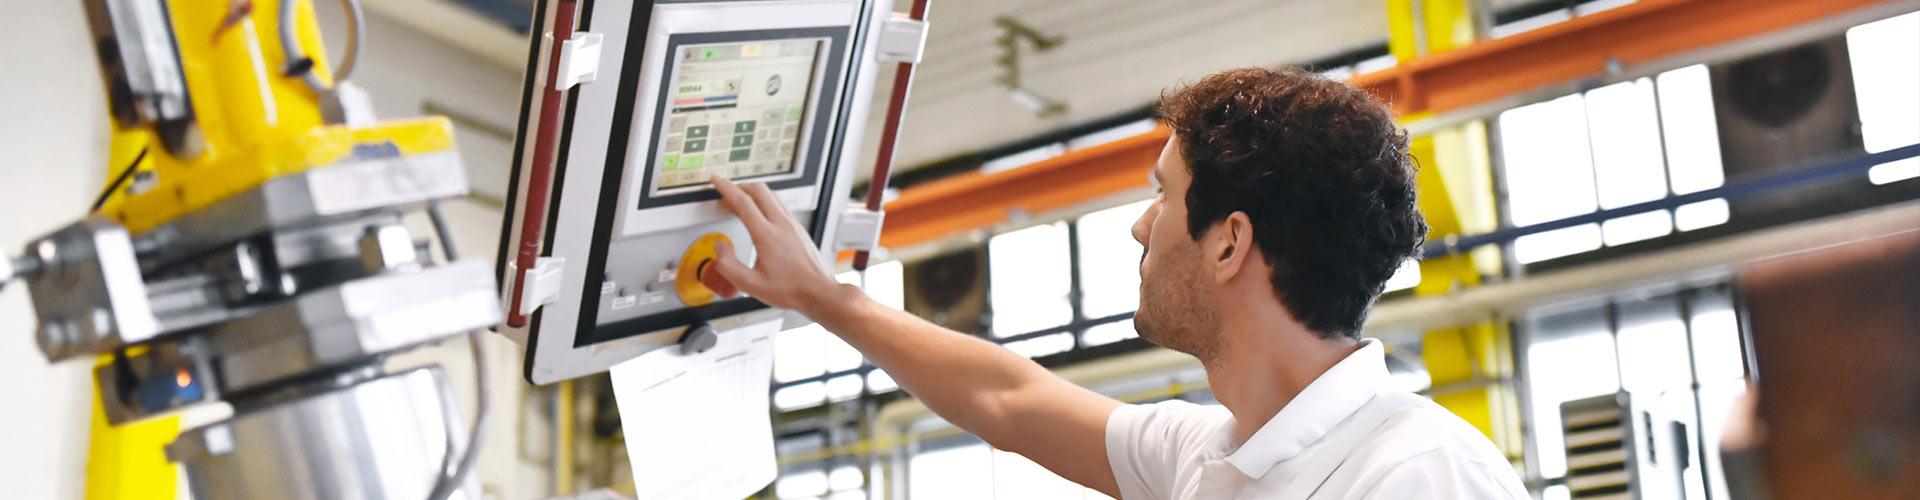 Garantindo a qualidade na indústria com a Medição de Nível e o controle nos processos